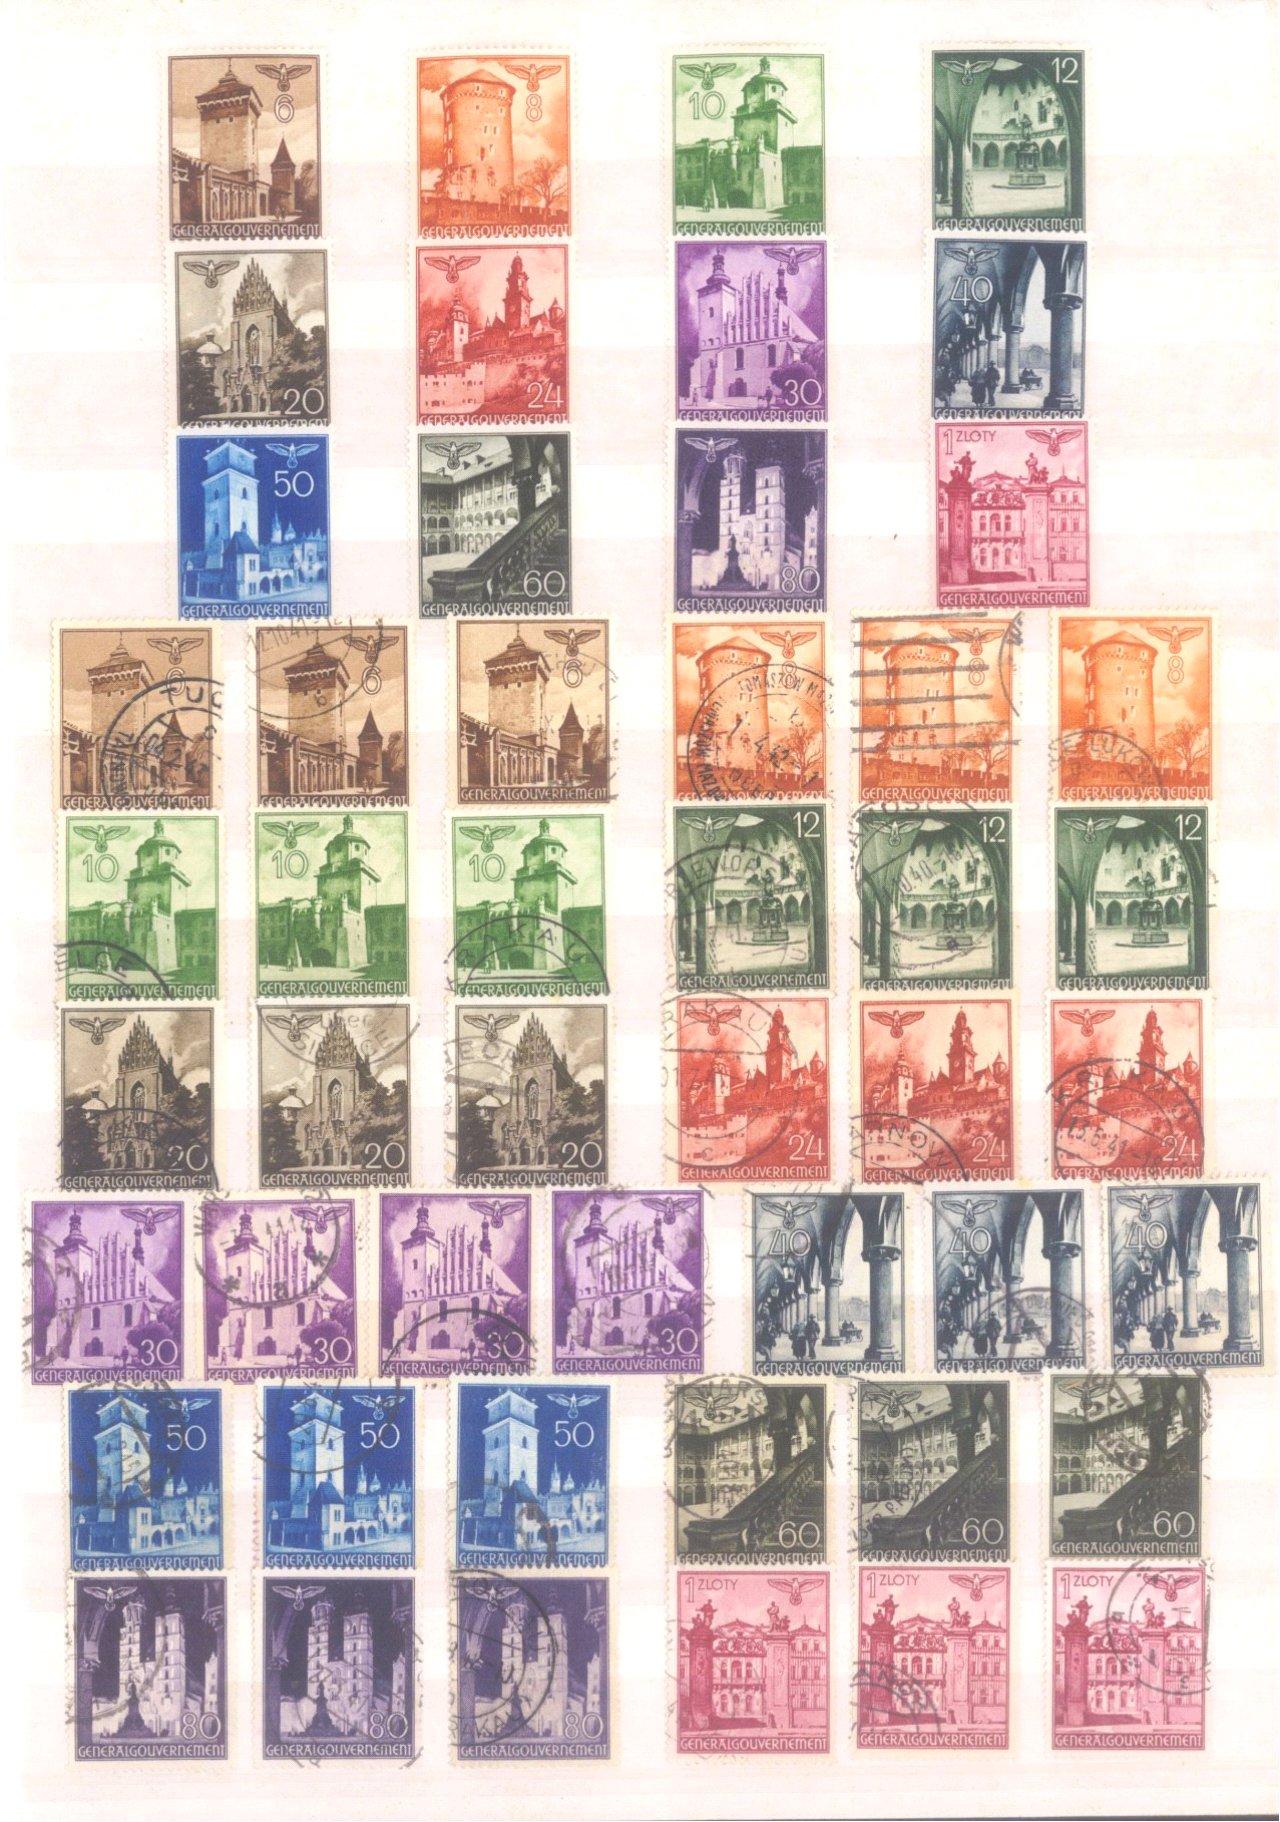 Sammlung Deutsches Reich in 2 Alben, 1933-1945-31